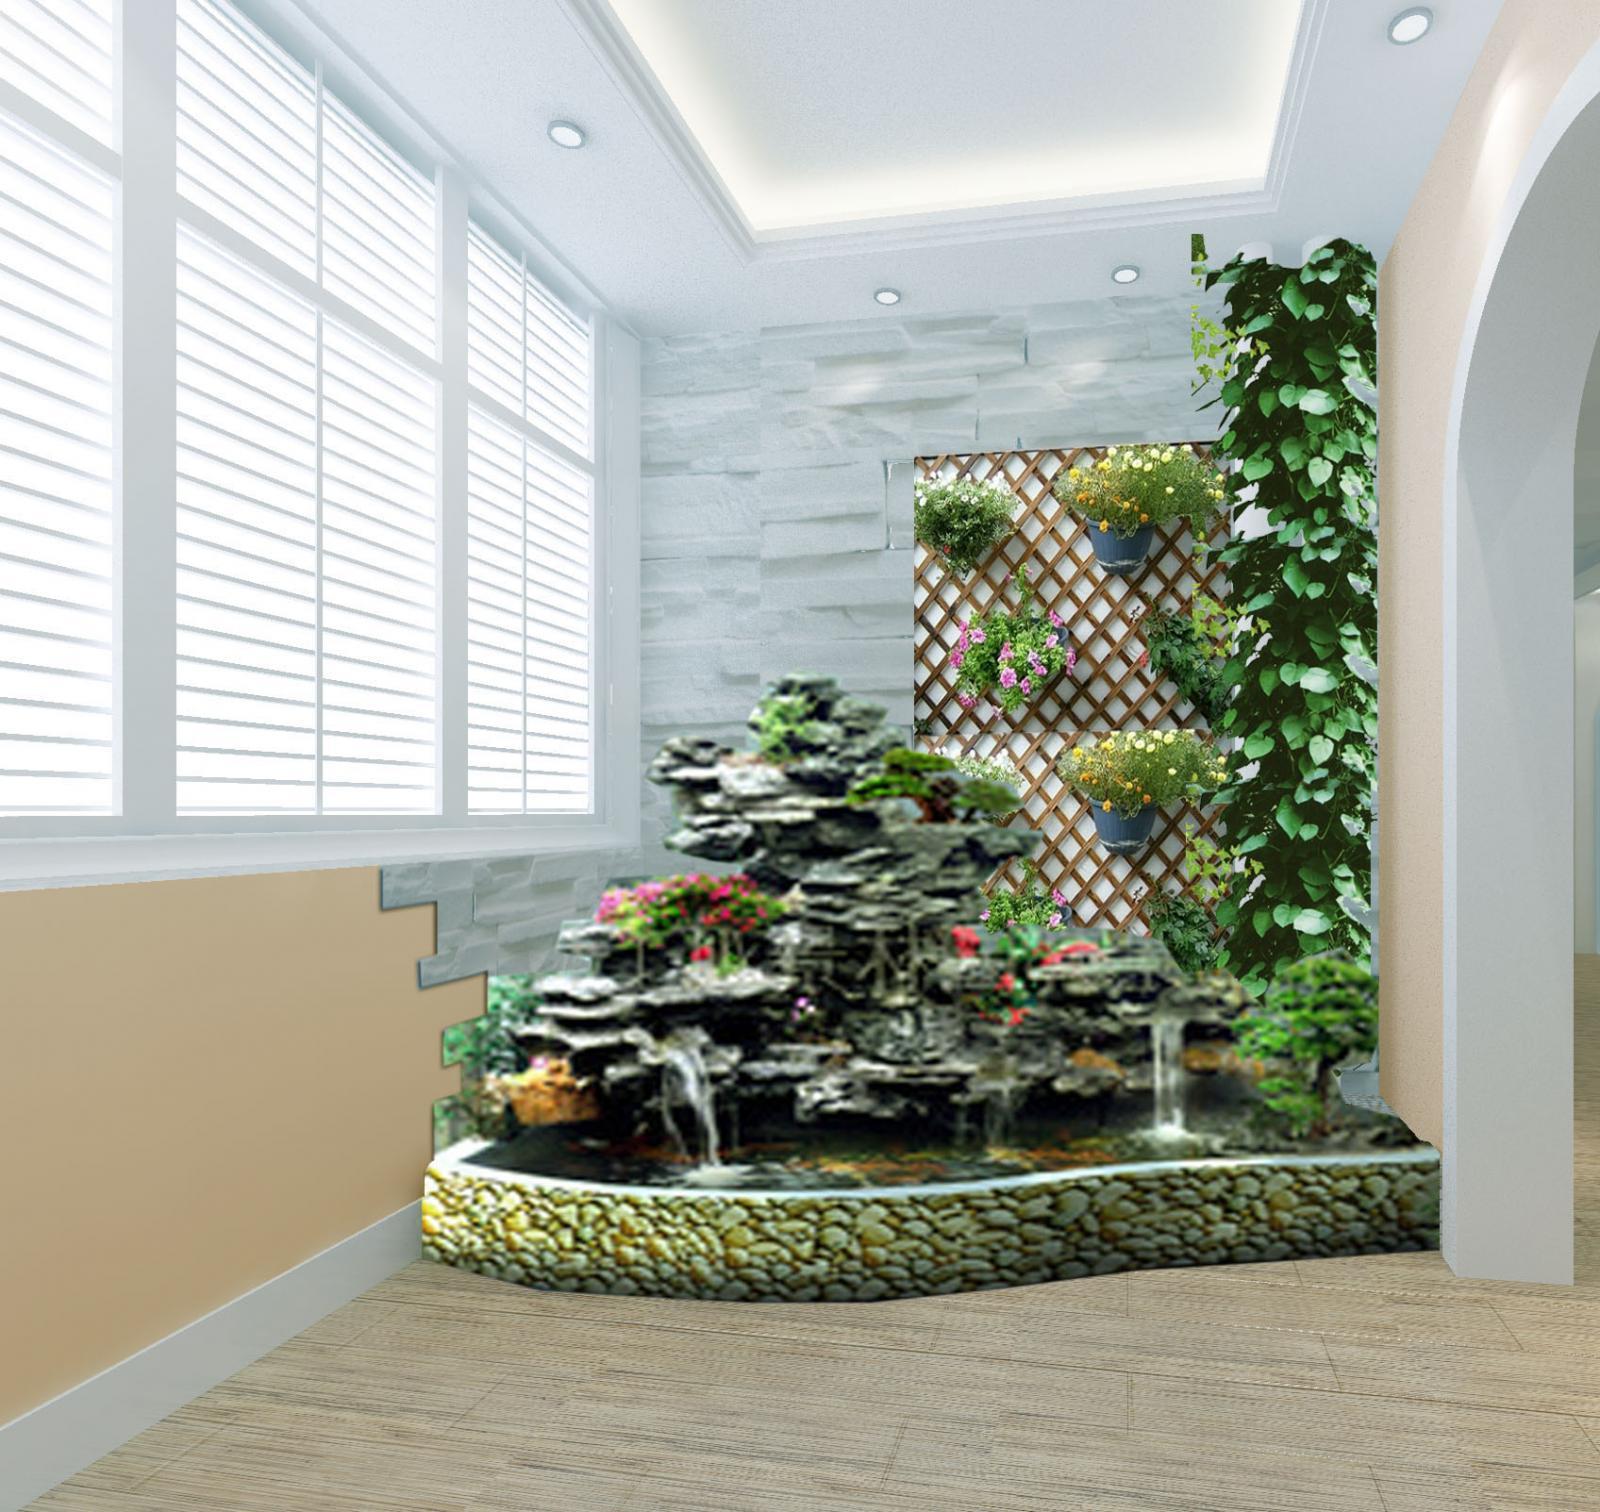 三室两厅简约风格阳台_装修效果图-x团装修网; 简约阳台装修效果图